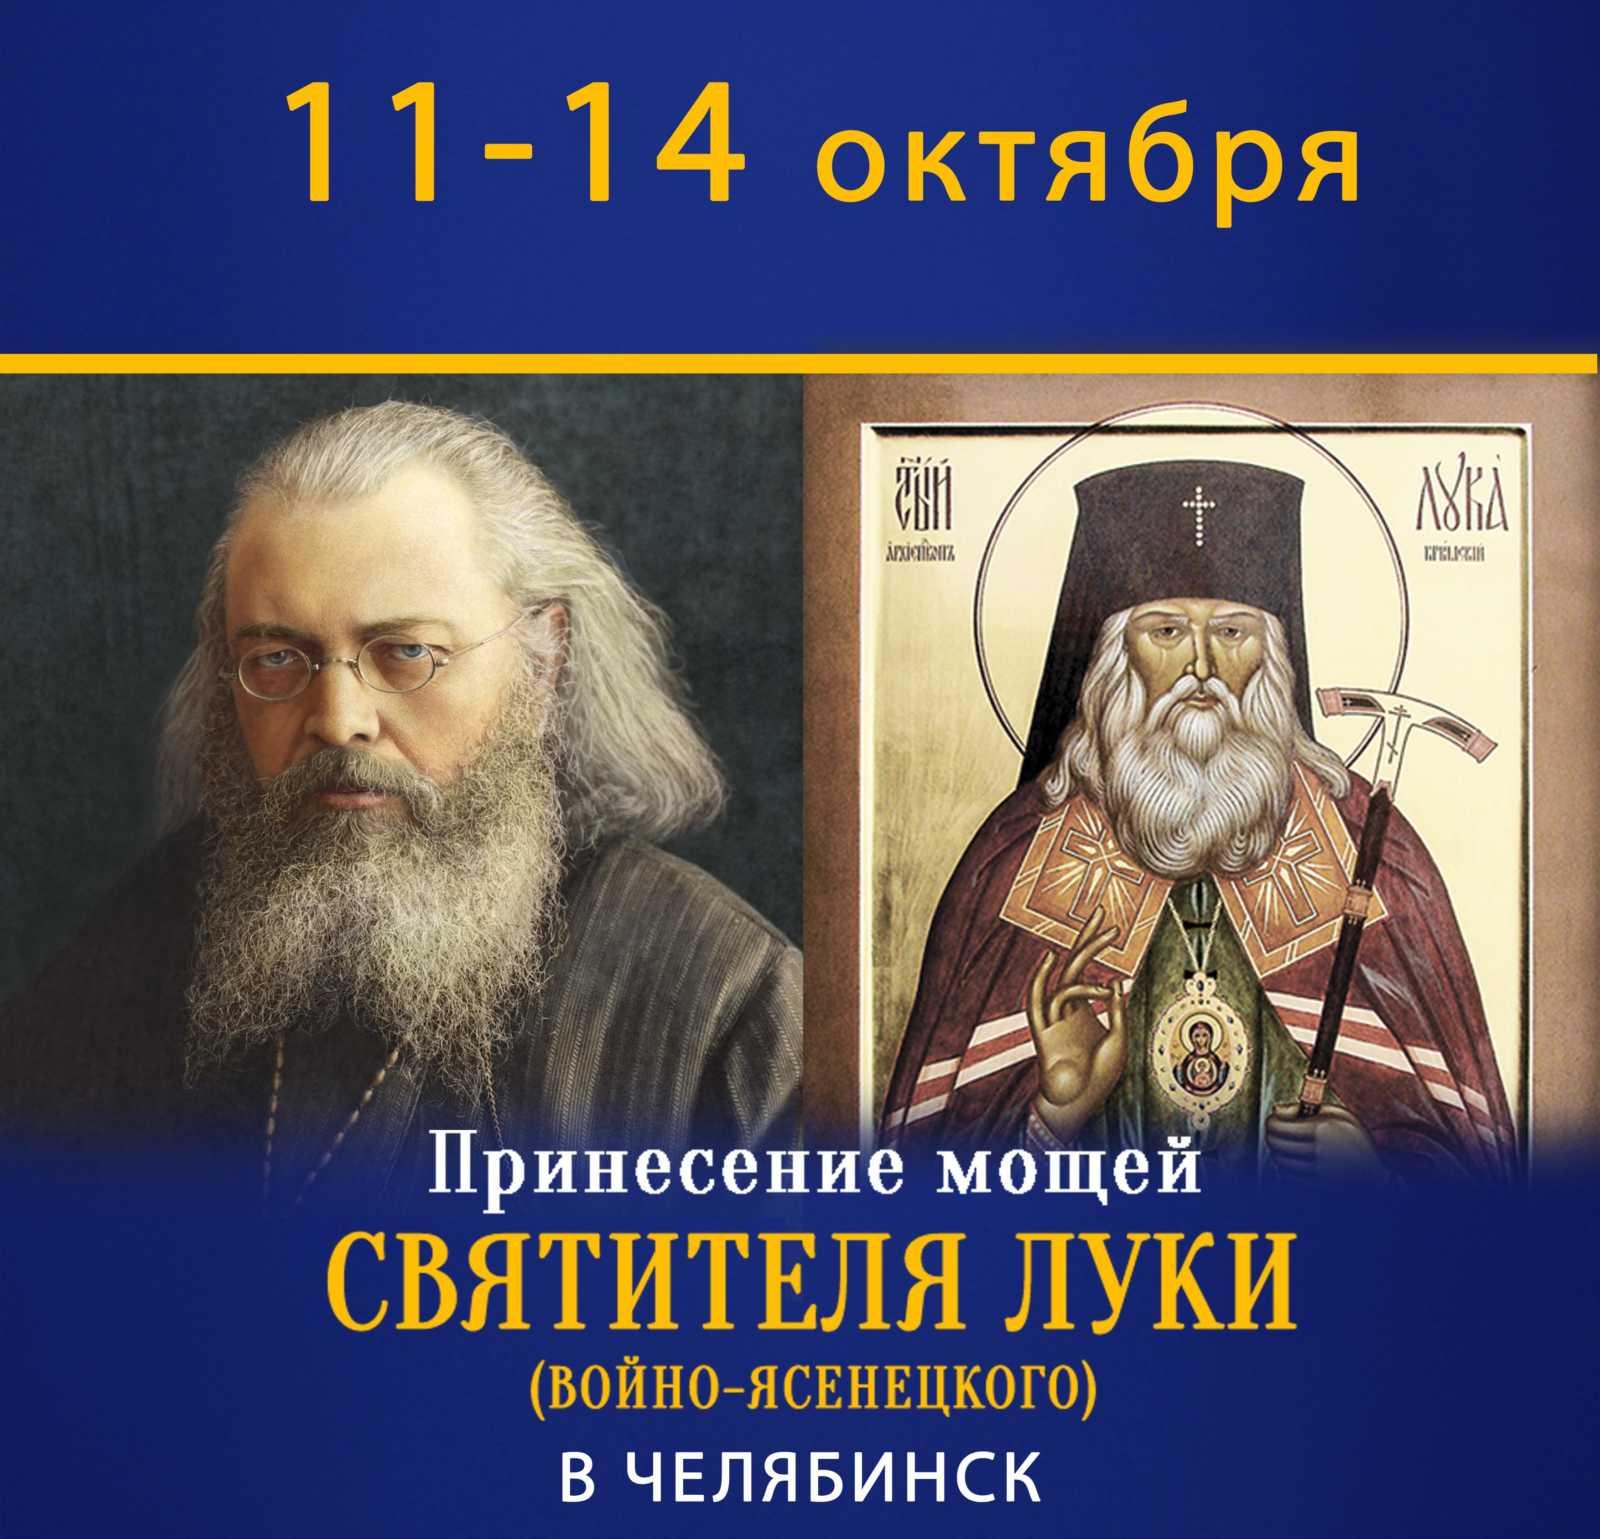 Мощи святителя Луки в Челябинске, 11-14 октября 2018 года